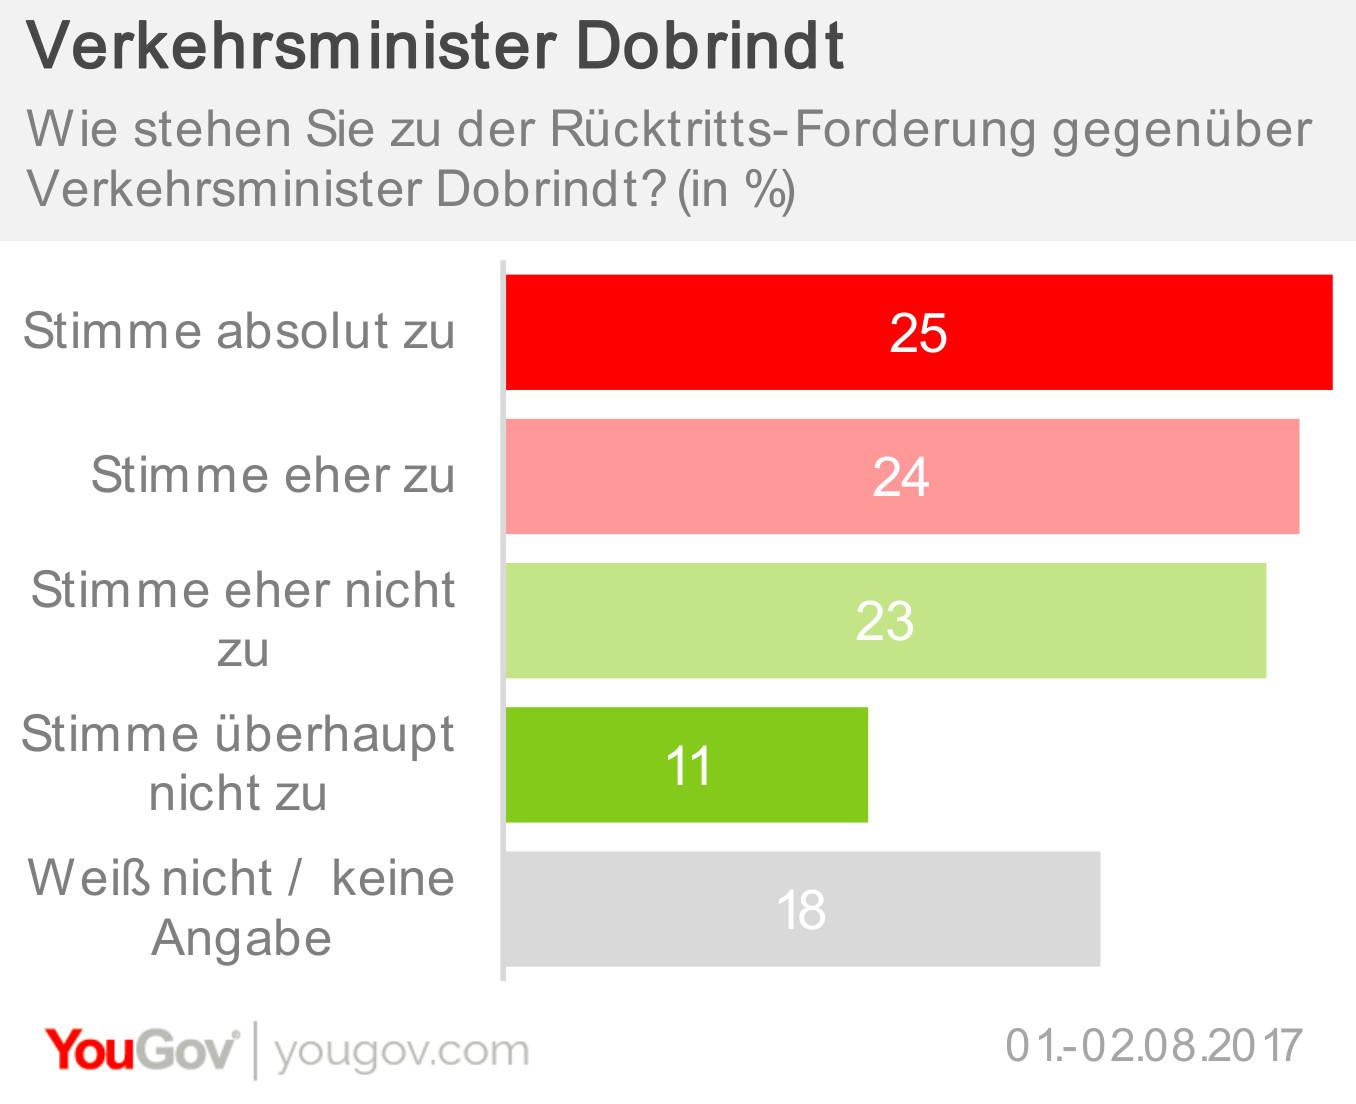 Rücktrittsforderungen gegenüber Alexander Dobrindt (CSU)